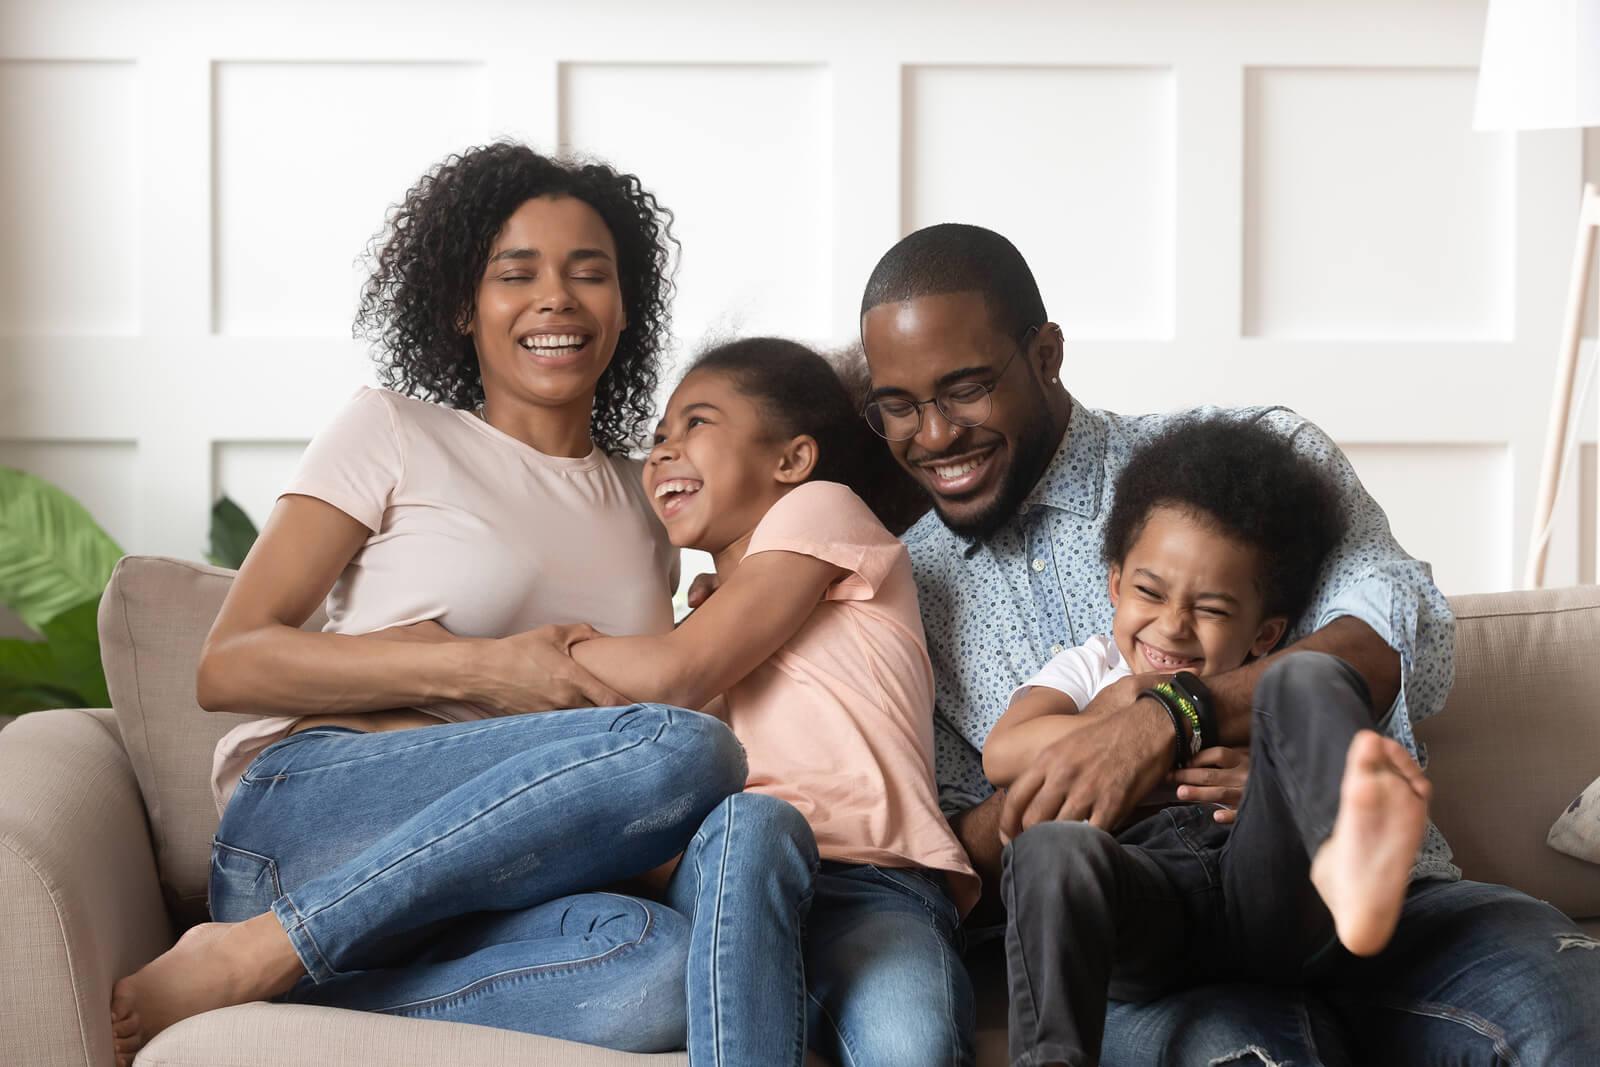 Familia resiliente riéndose en el sofá de casa.